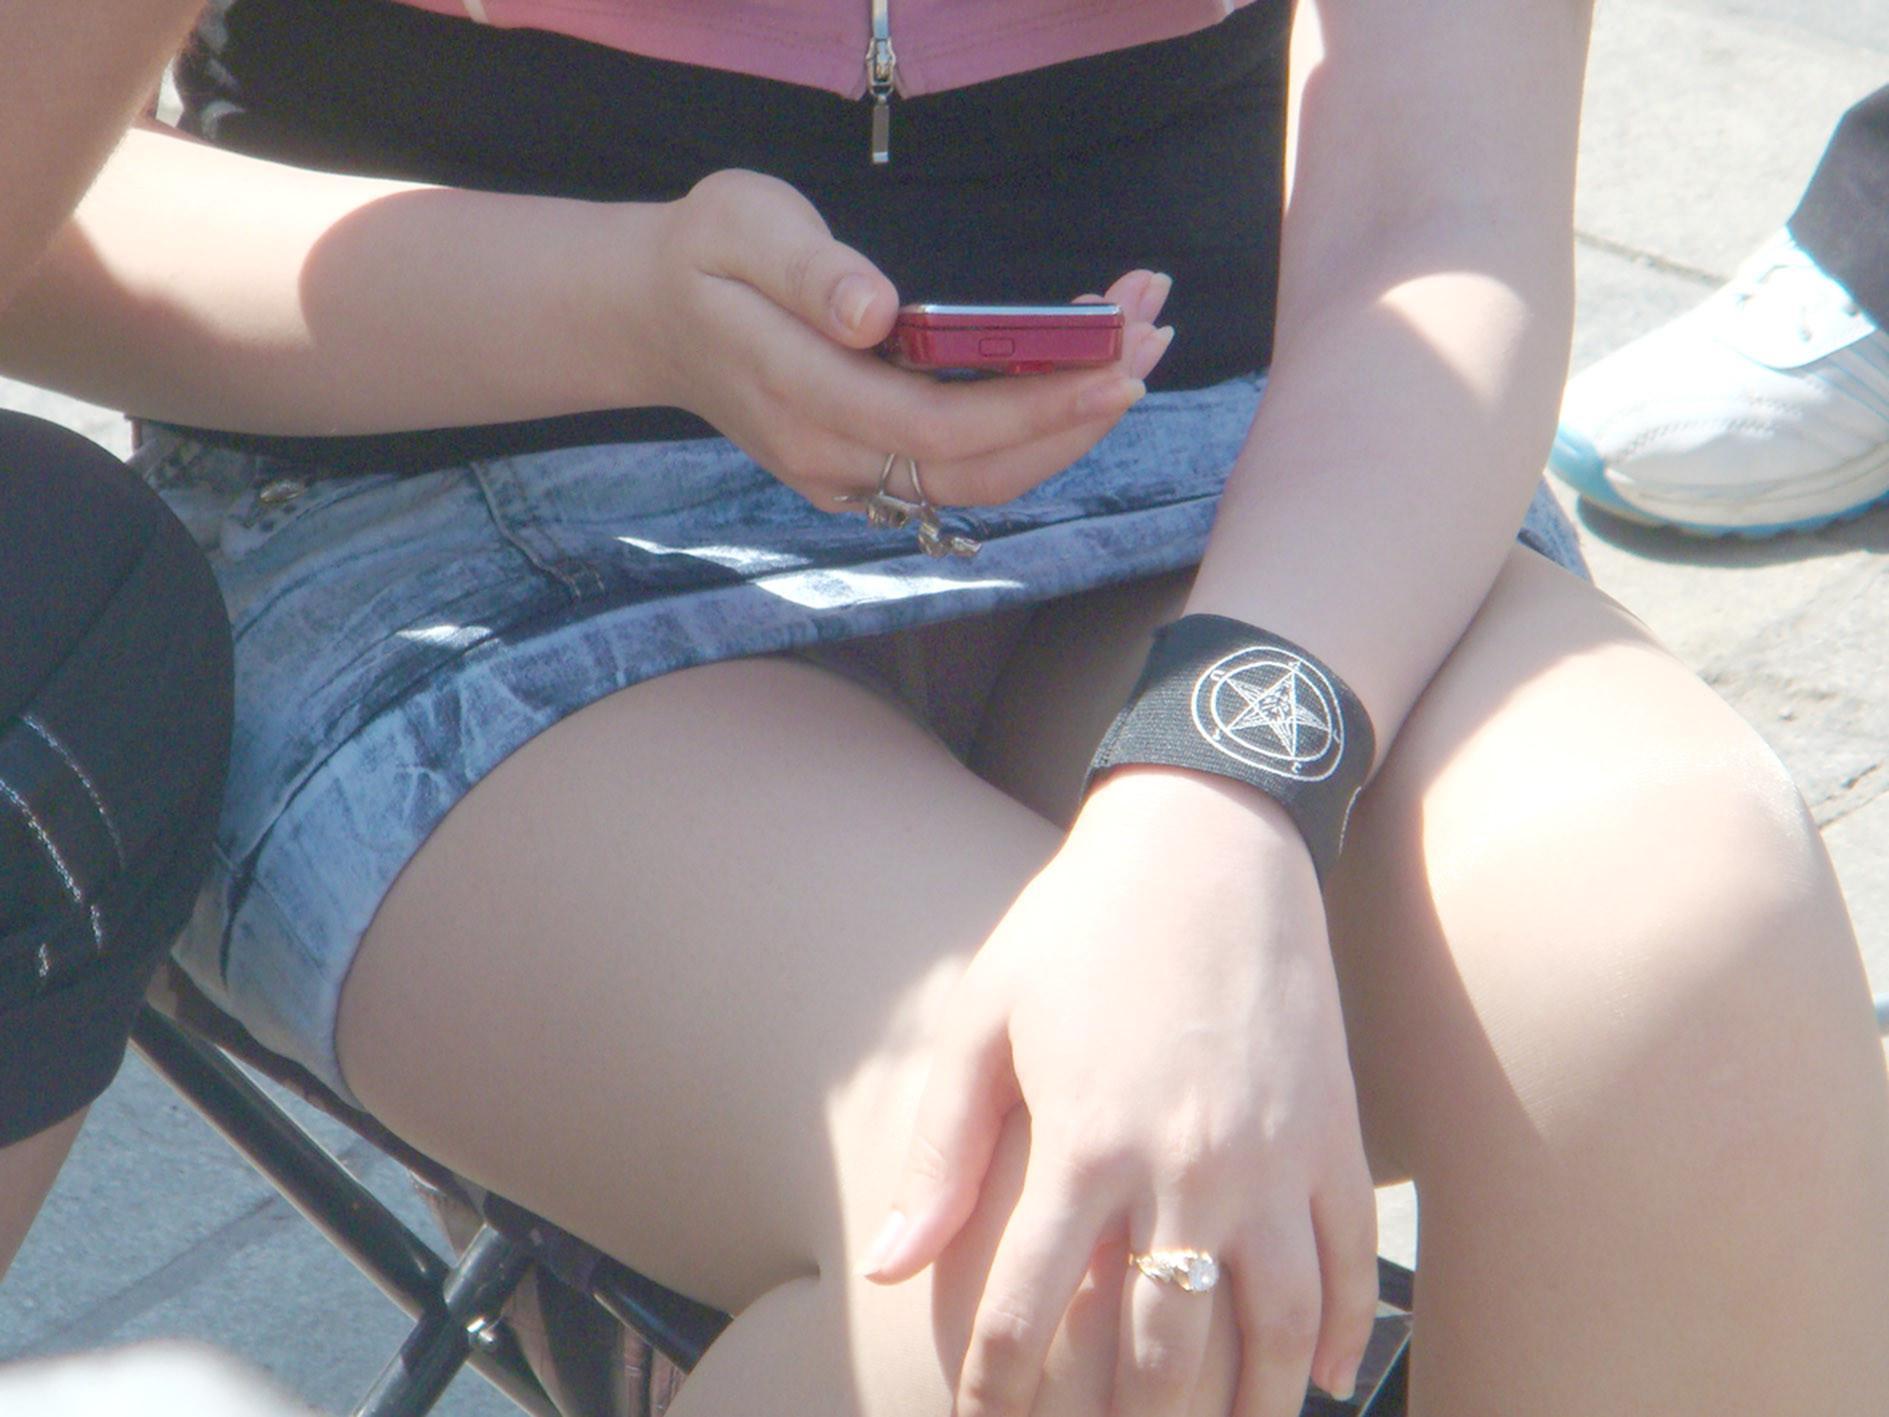 タイトなミニスカート履いた女の子の街撮りパンチラ画像 6